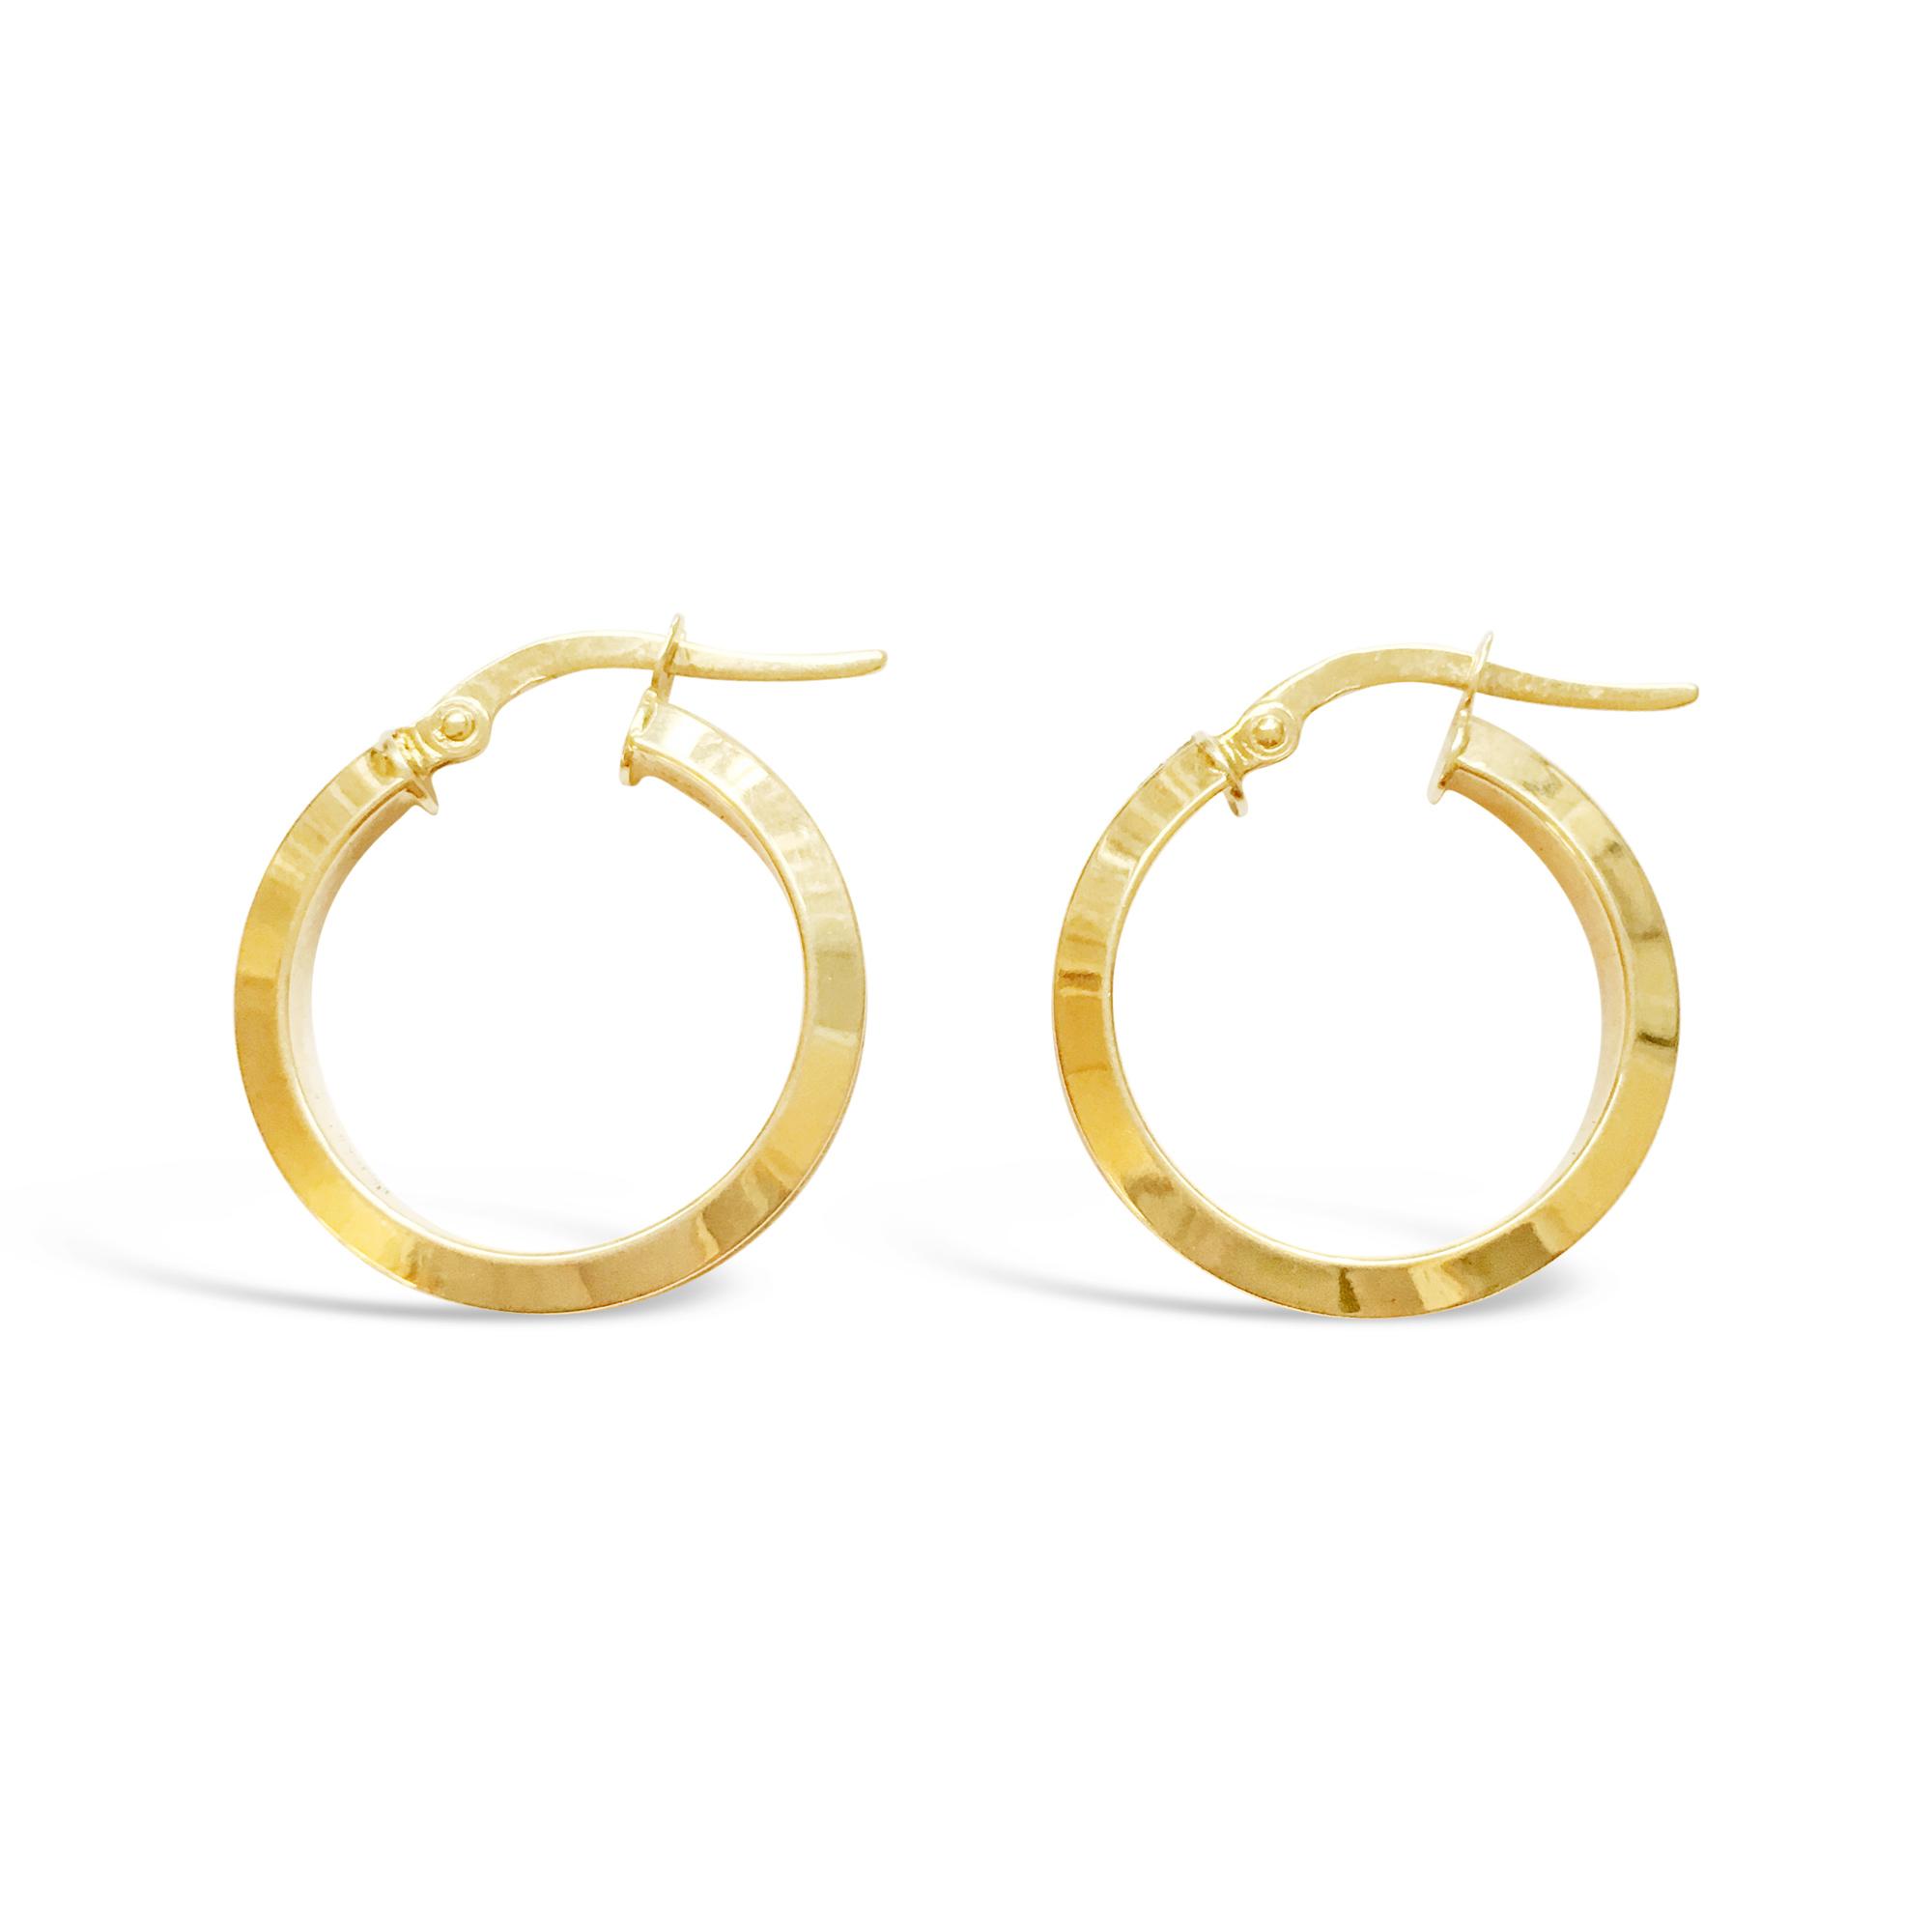 PAIR OF VINTAGE 9CT YELLOW GOLD SQUARE HOOP EARRINGS. Hoop diameter measuring 20mm.